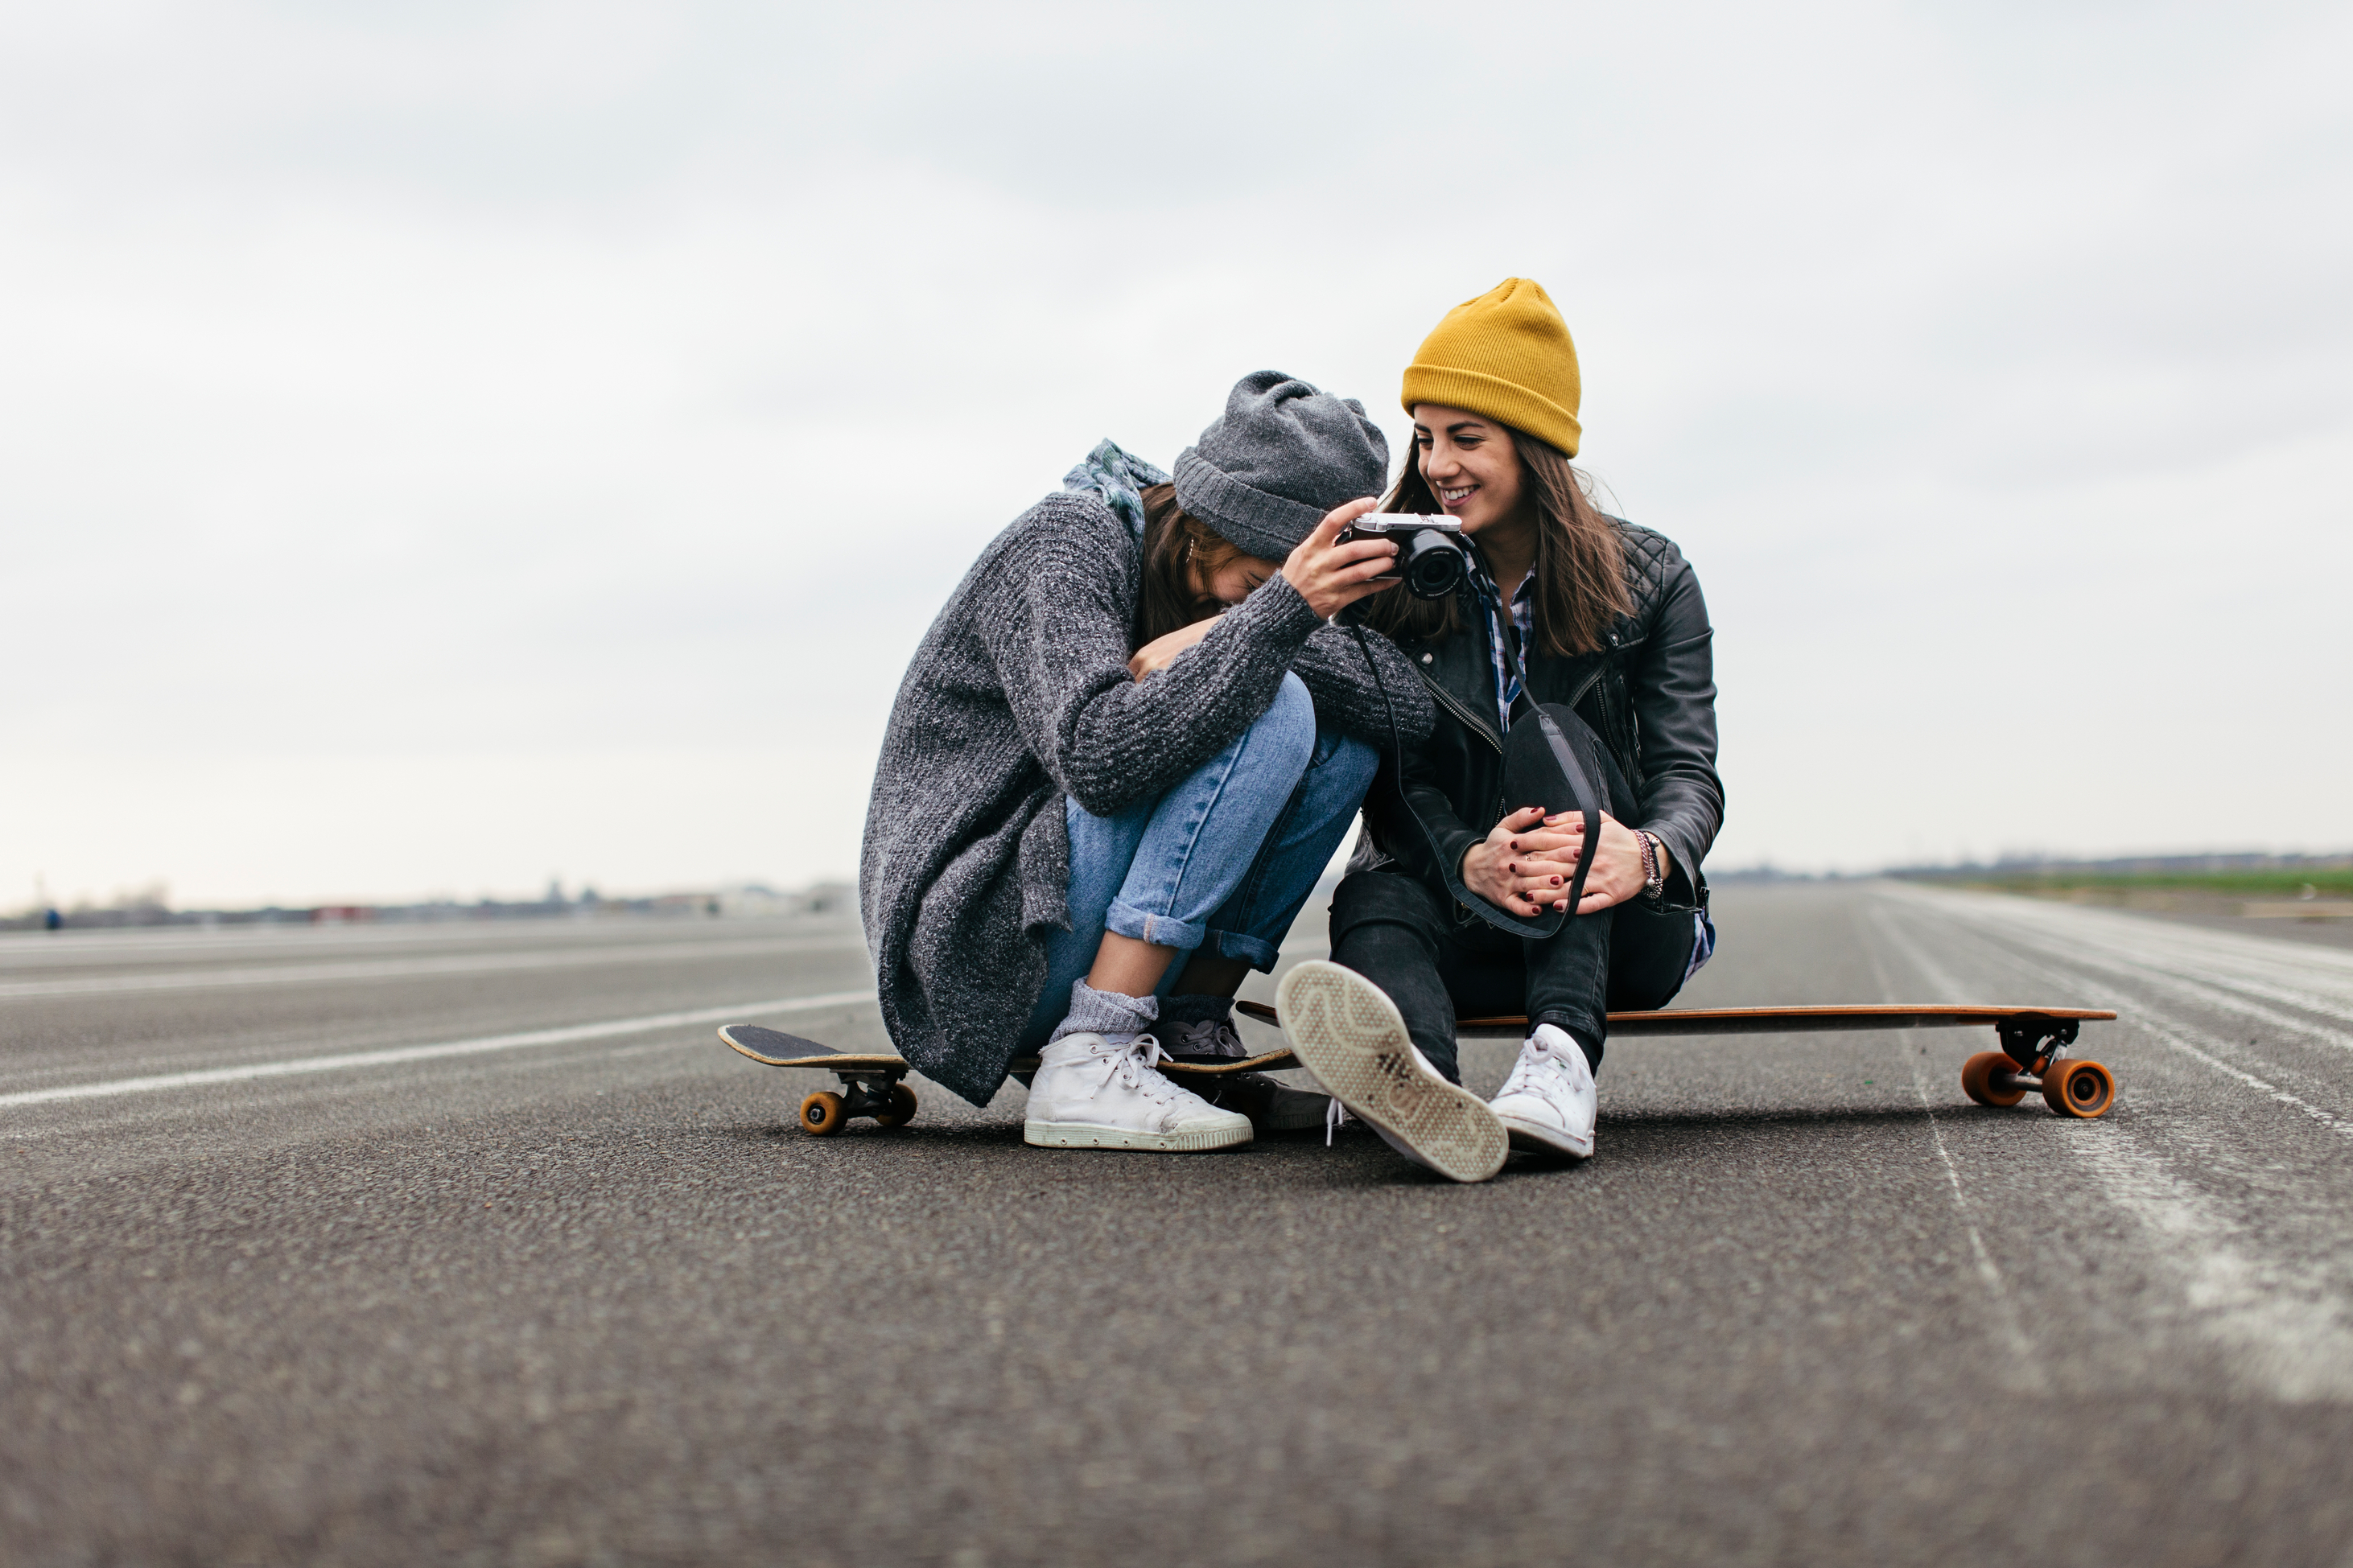 Zwei Mädchen auf einem Longboard